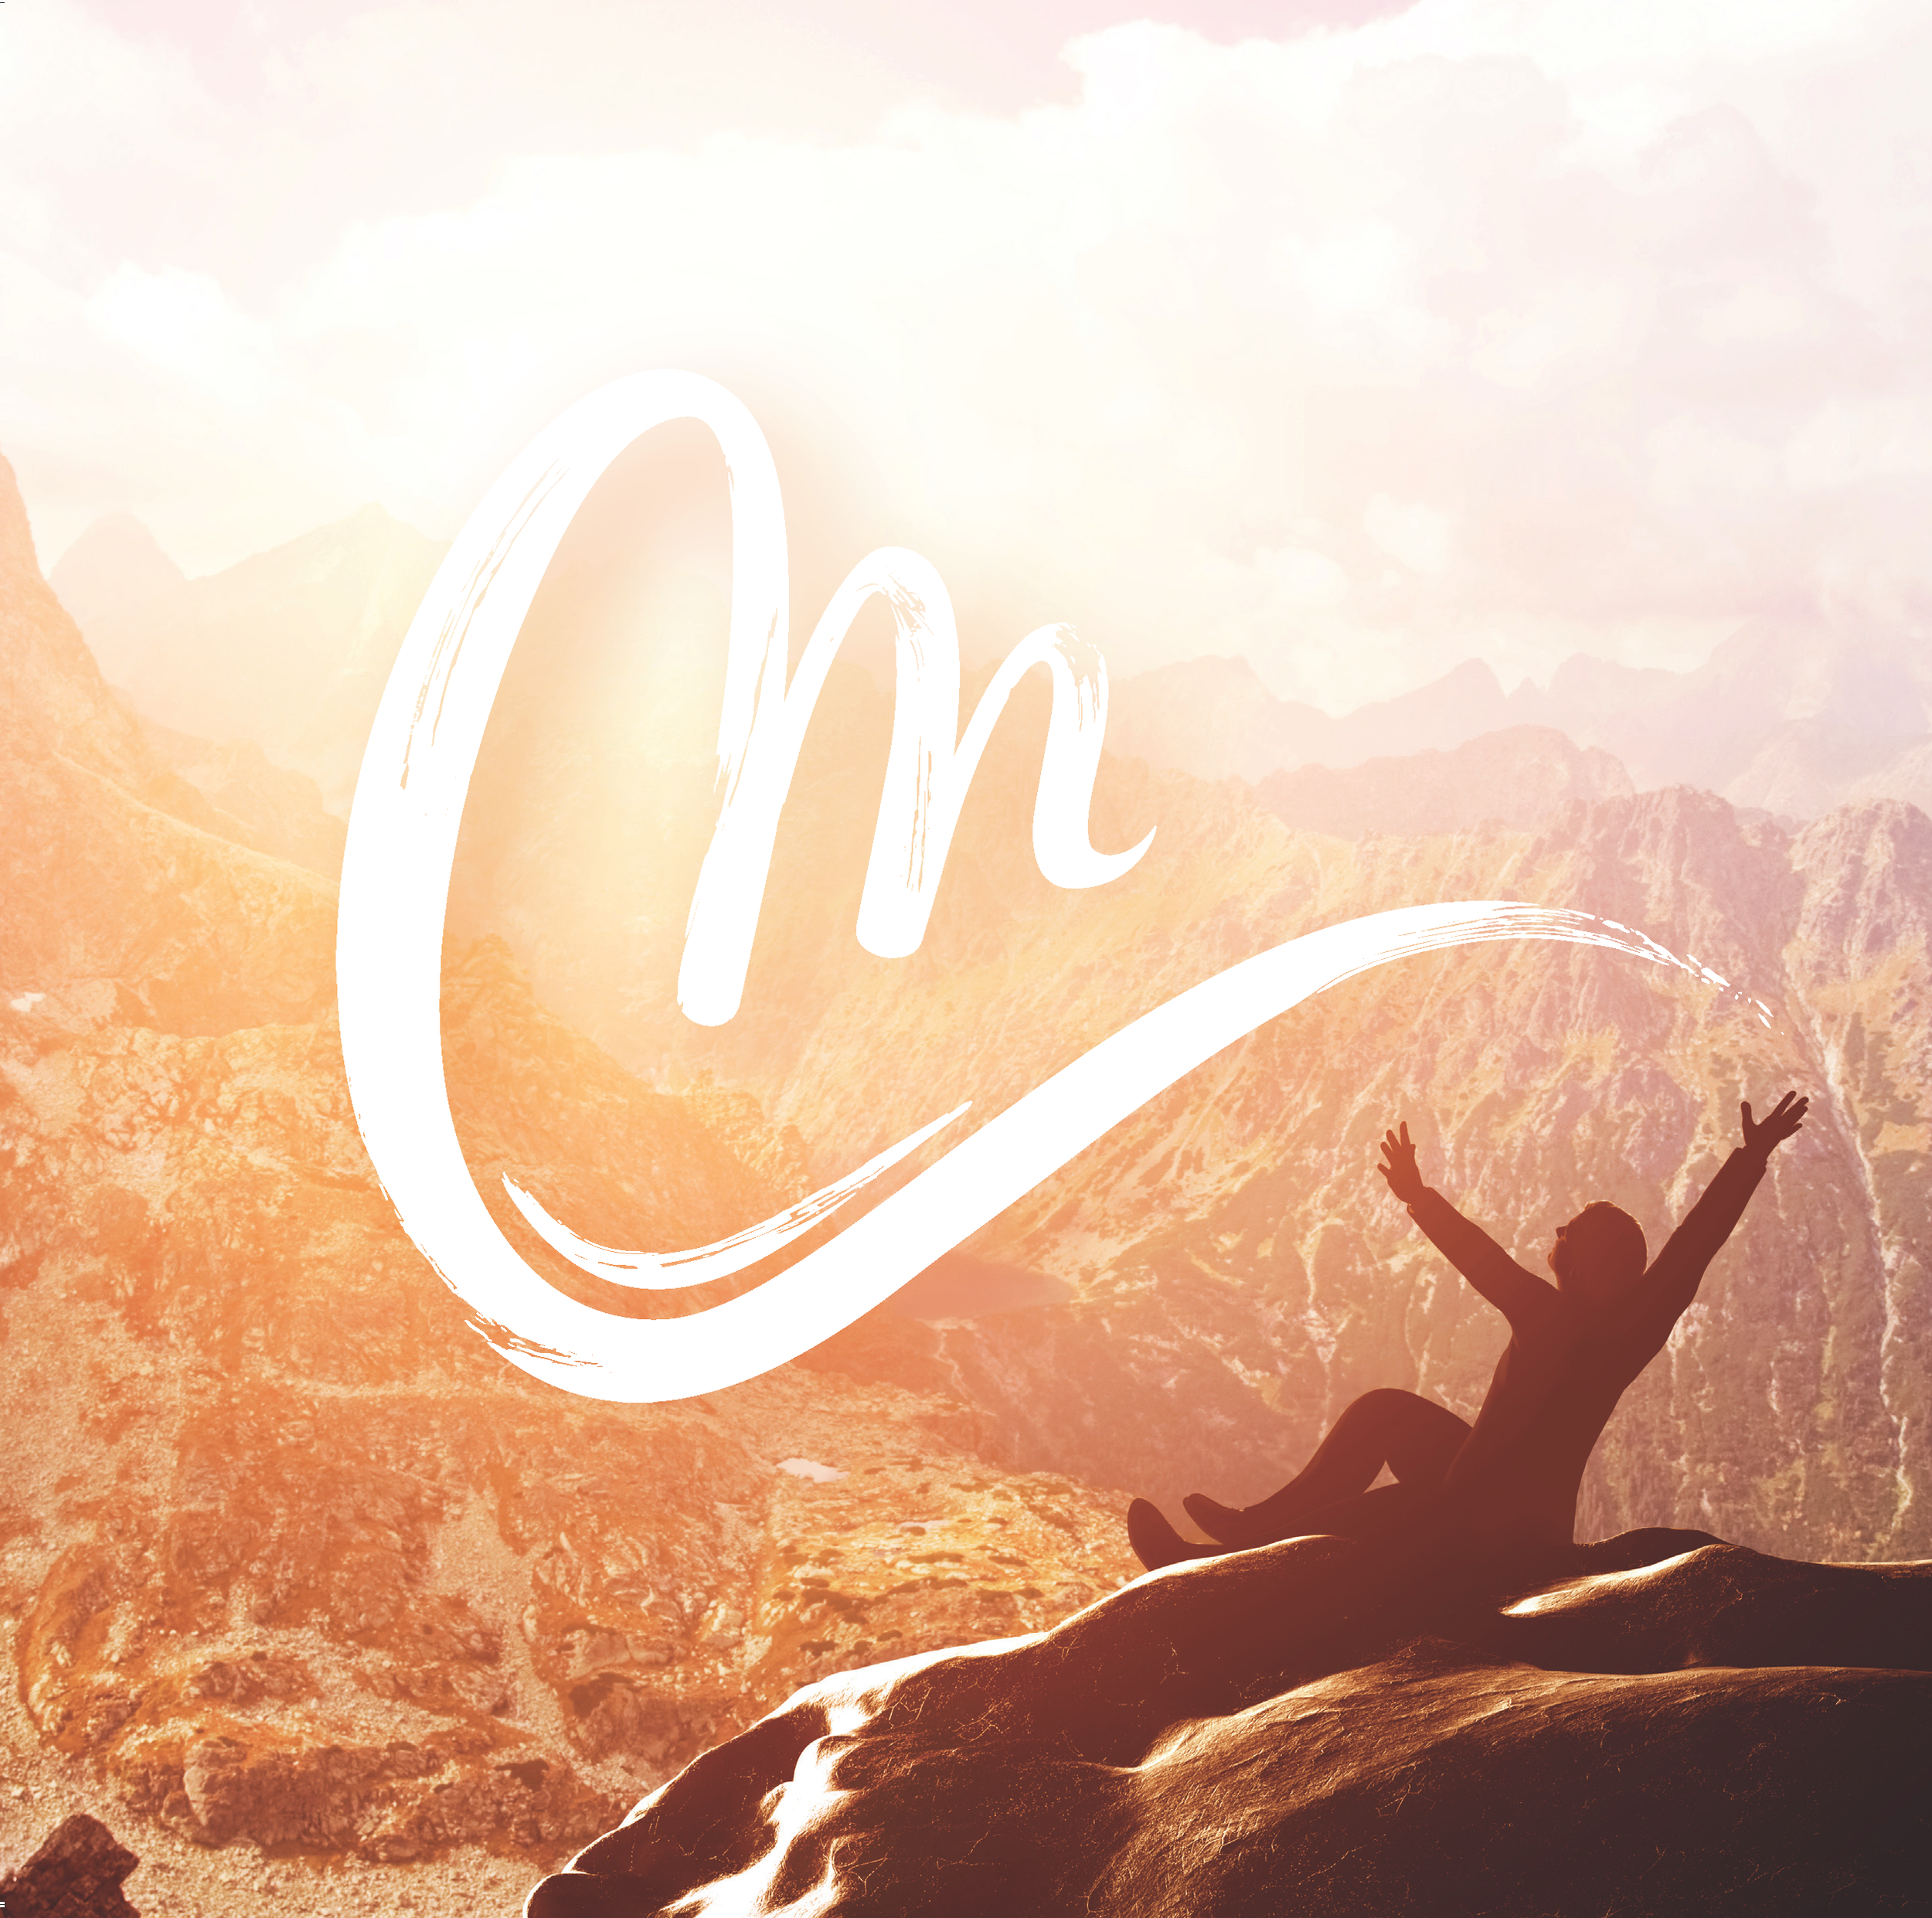 Når du er motivert av det som gir deg selv verdi i dine egne opplevelser, eller av det som gir deg lyst til å gjøre det du gjør, kaller vi det for din  indre motivasjon .